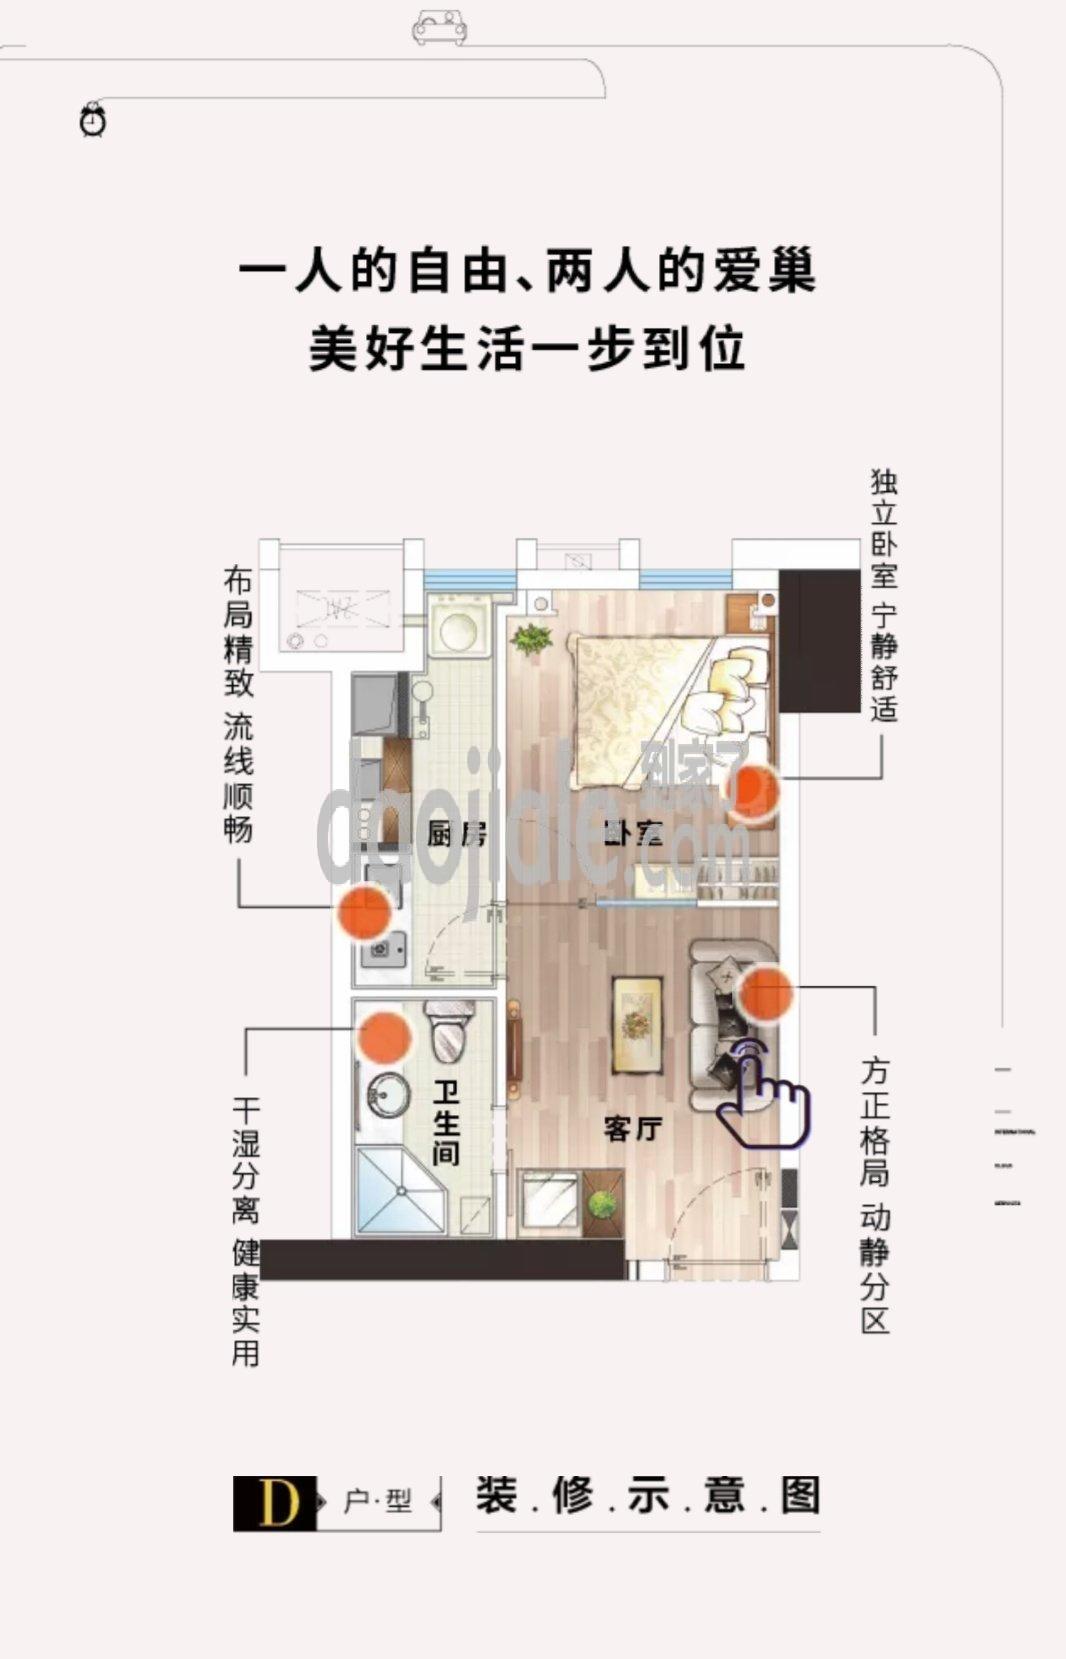 渝中区大坪和泓渝中界新房B户型户型图